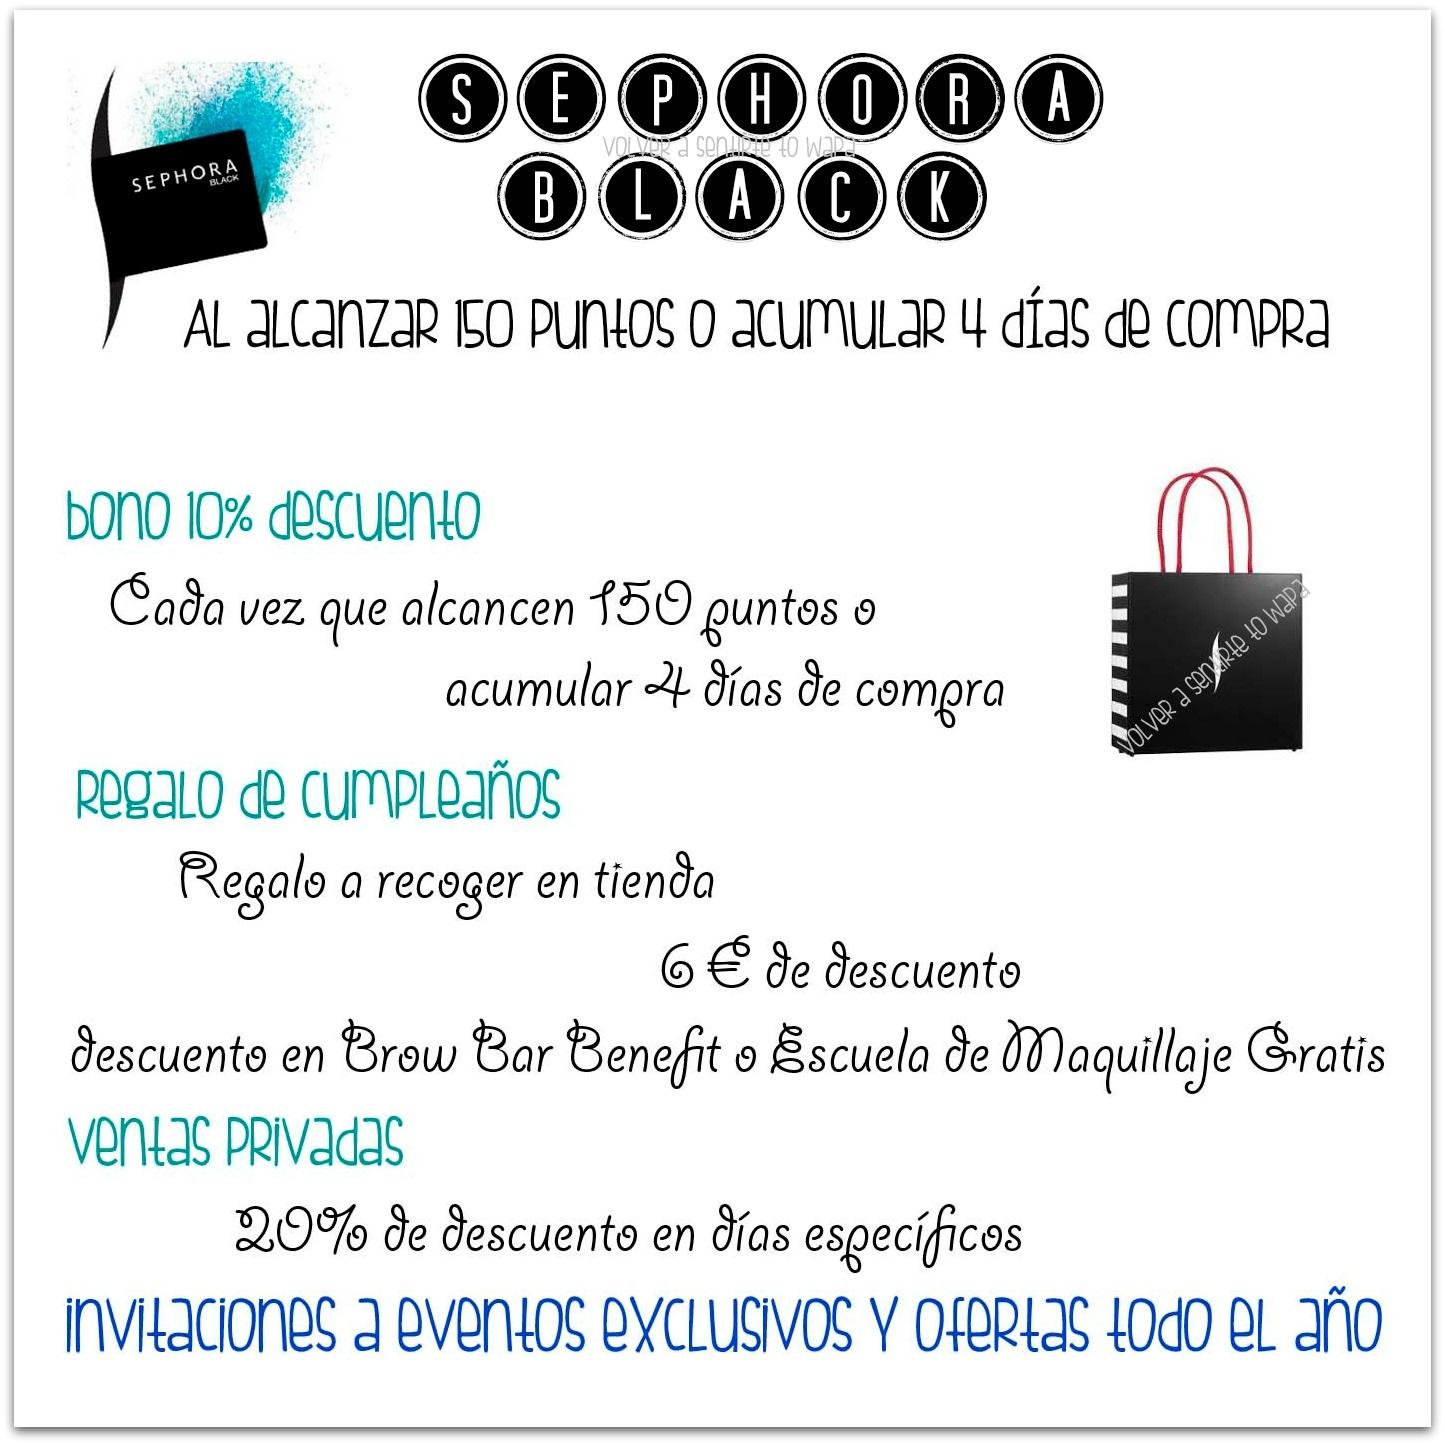 Tarjeta Sephora Black - Beneficios y Ventajas